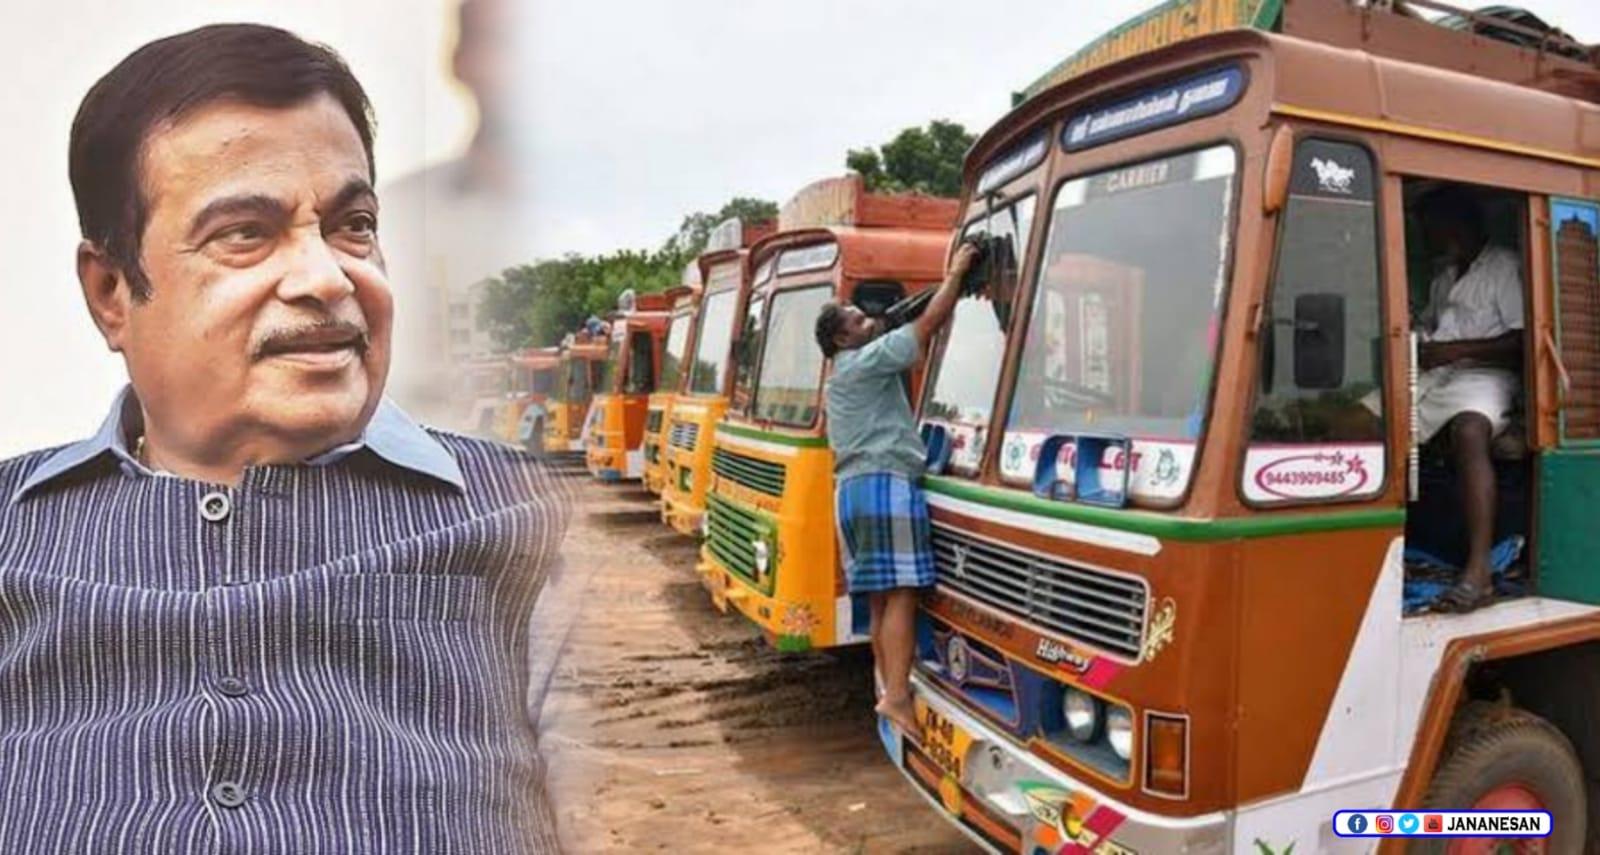 லாரி ஓட்டுநர்களுக்குப் பணி நேரத்தை நிர்ணயிக்க வேண்டும்: மத்திய அமைச்சர் நிதின் கட்கரி வலியுறுத்தல்